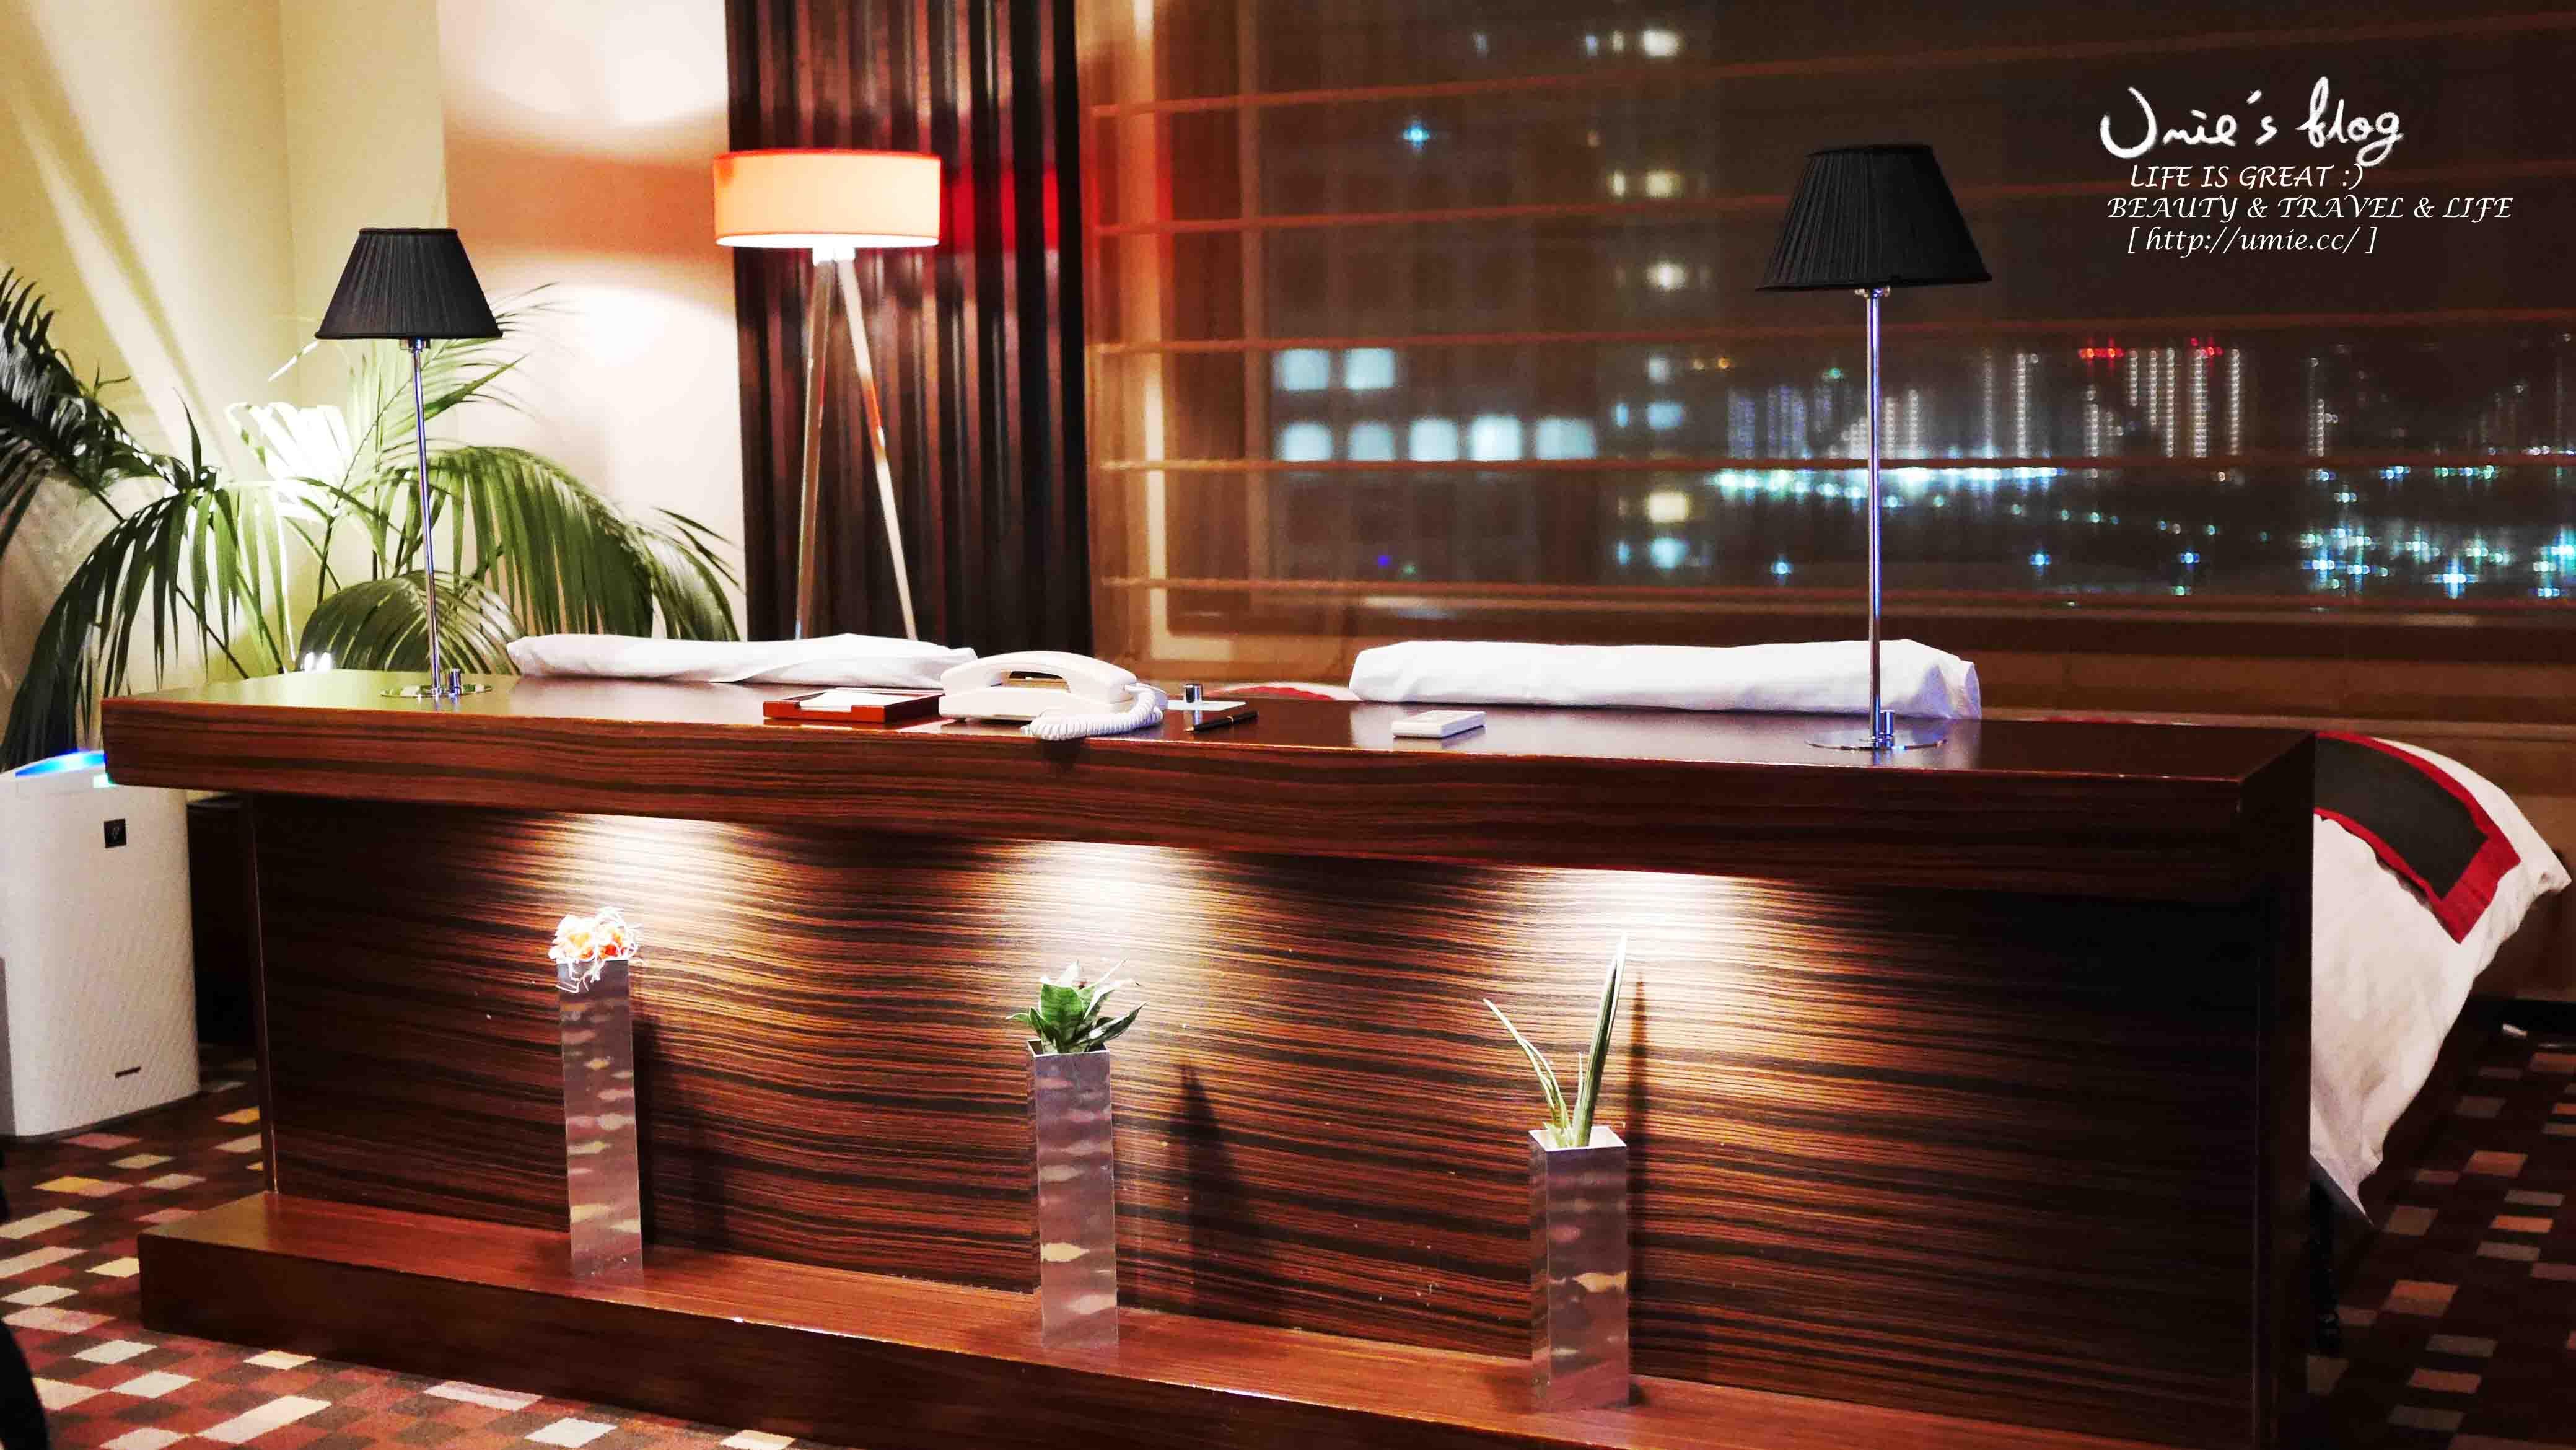 東京迪士尼飯店推薦 Urayasu Brighton Hotel!迪士尼接駁車、足部按摩機、免費酒吧、早餐超好吃!( 電車5分鐘到迪士尼)